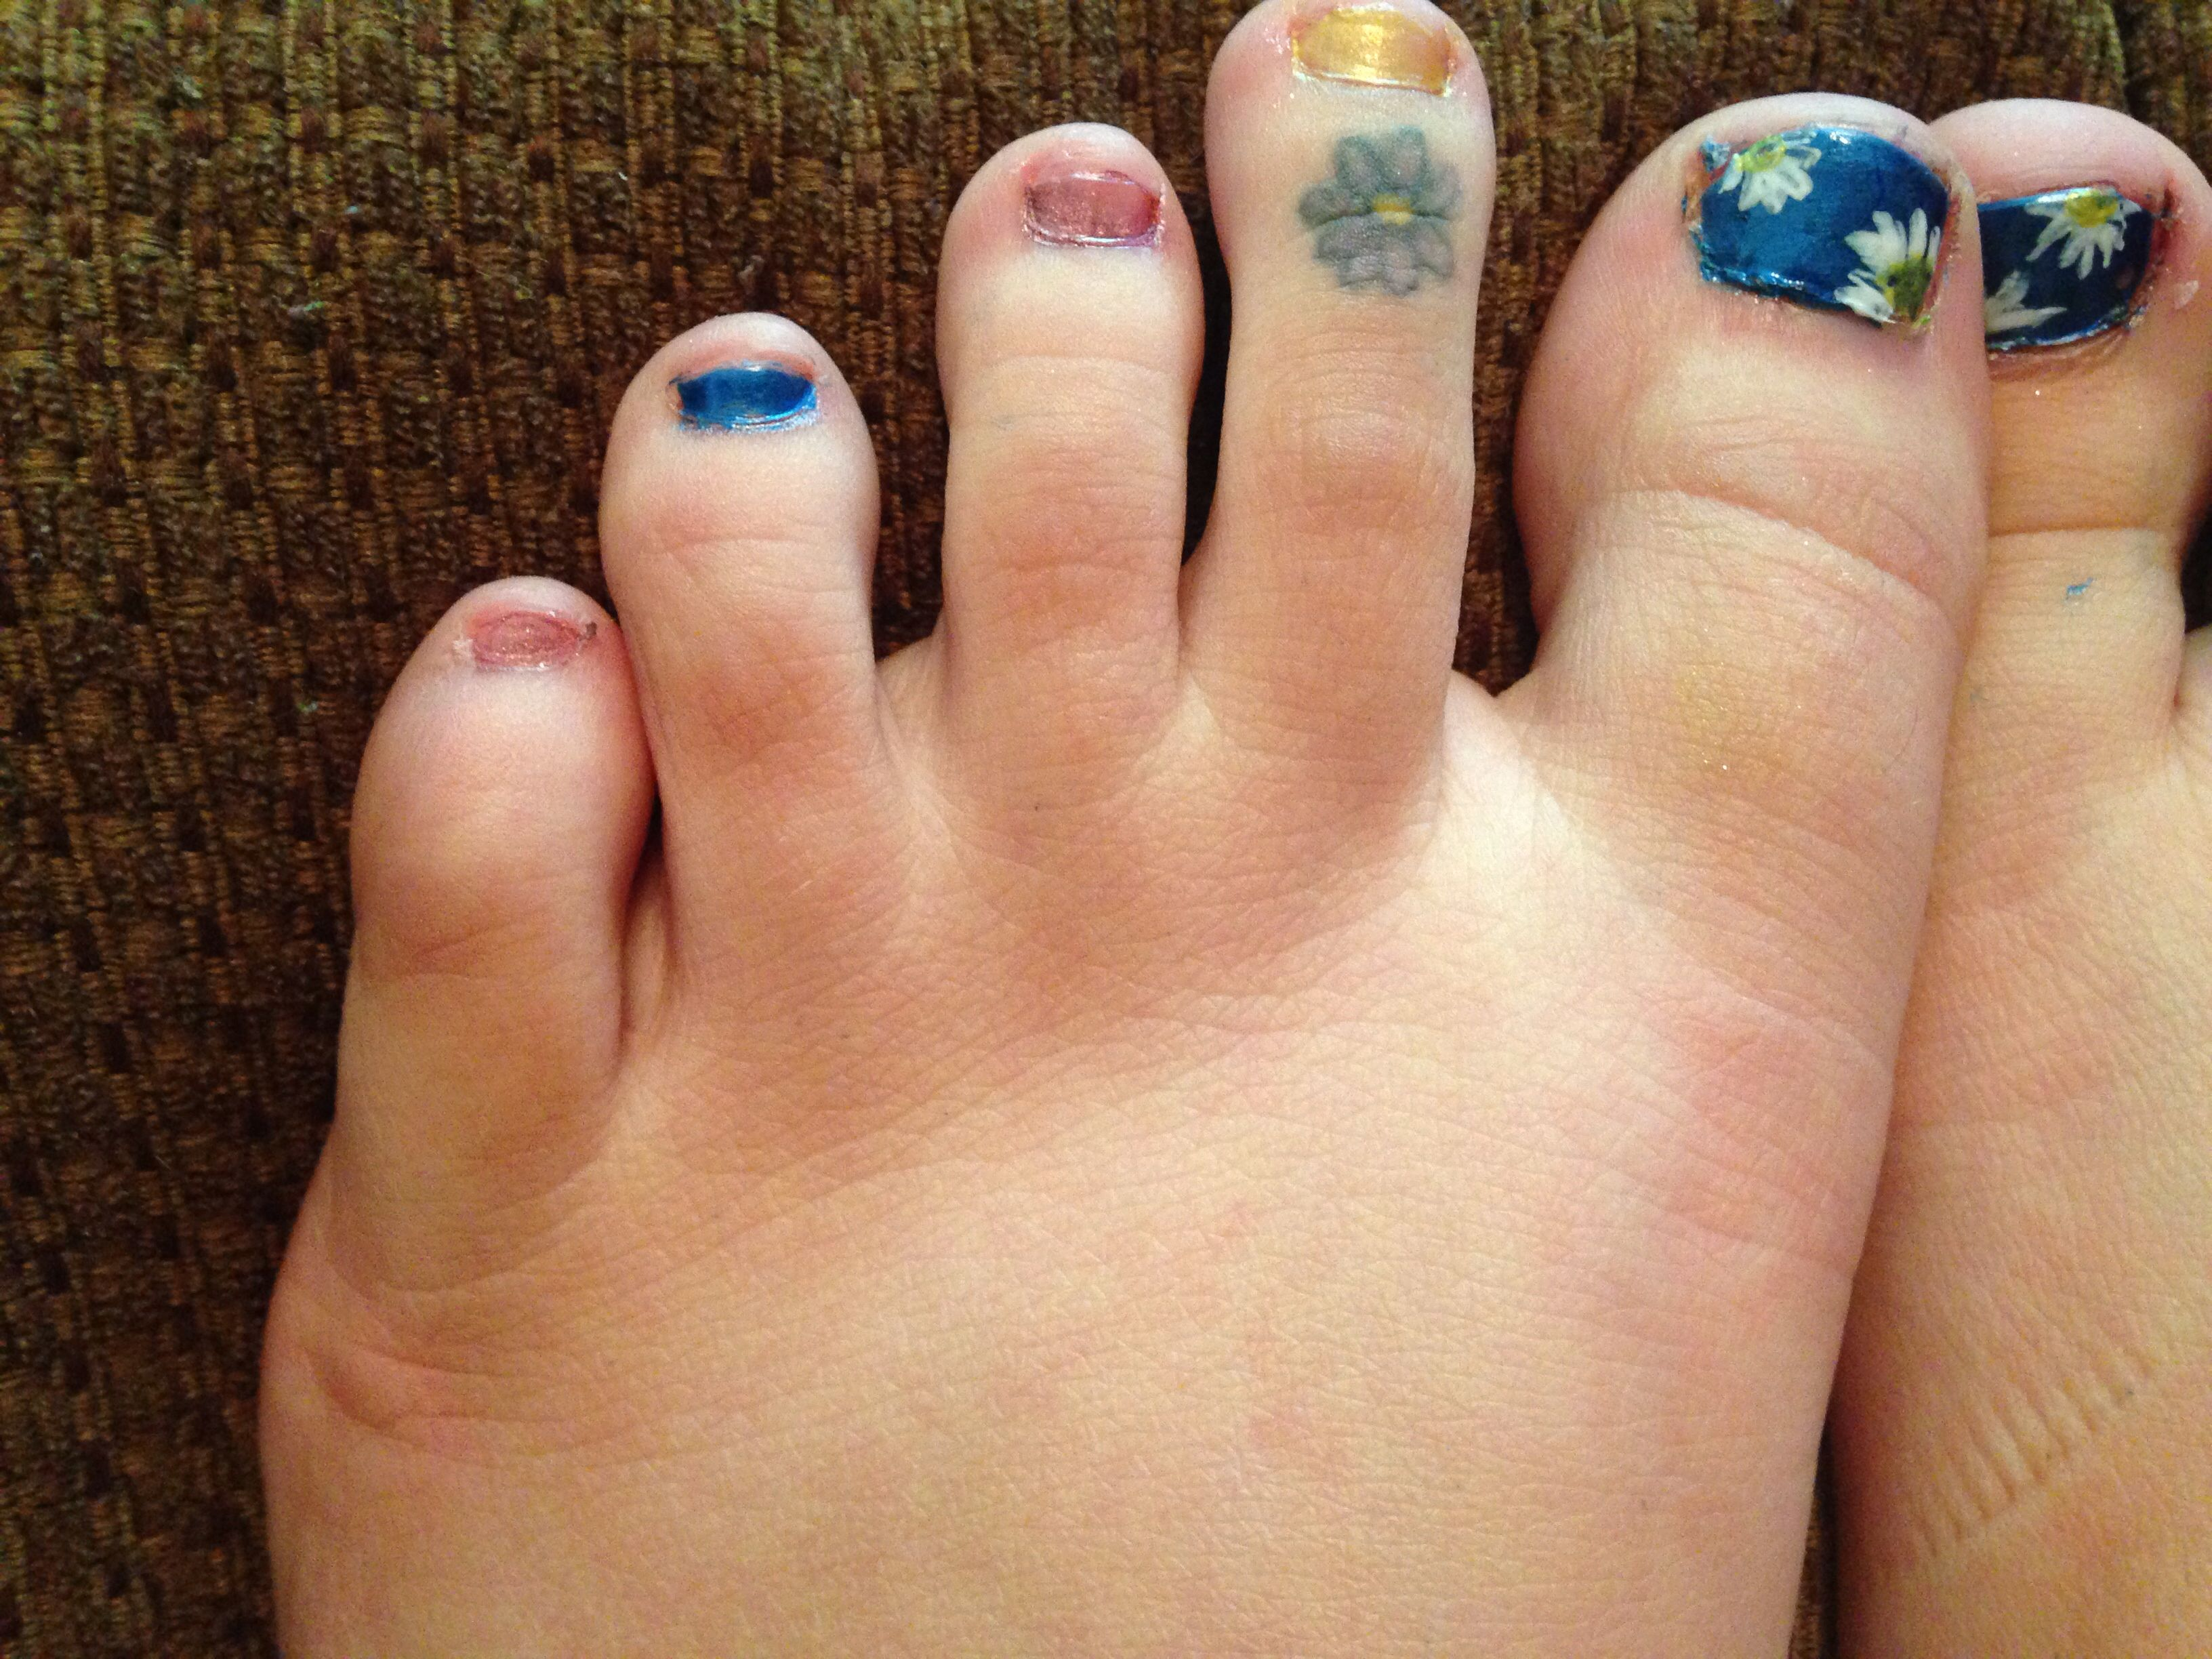 I\'ve got a daisy on my toe! Toenails, nails, pedicure, daisy, blue ...